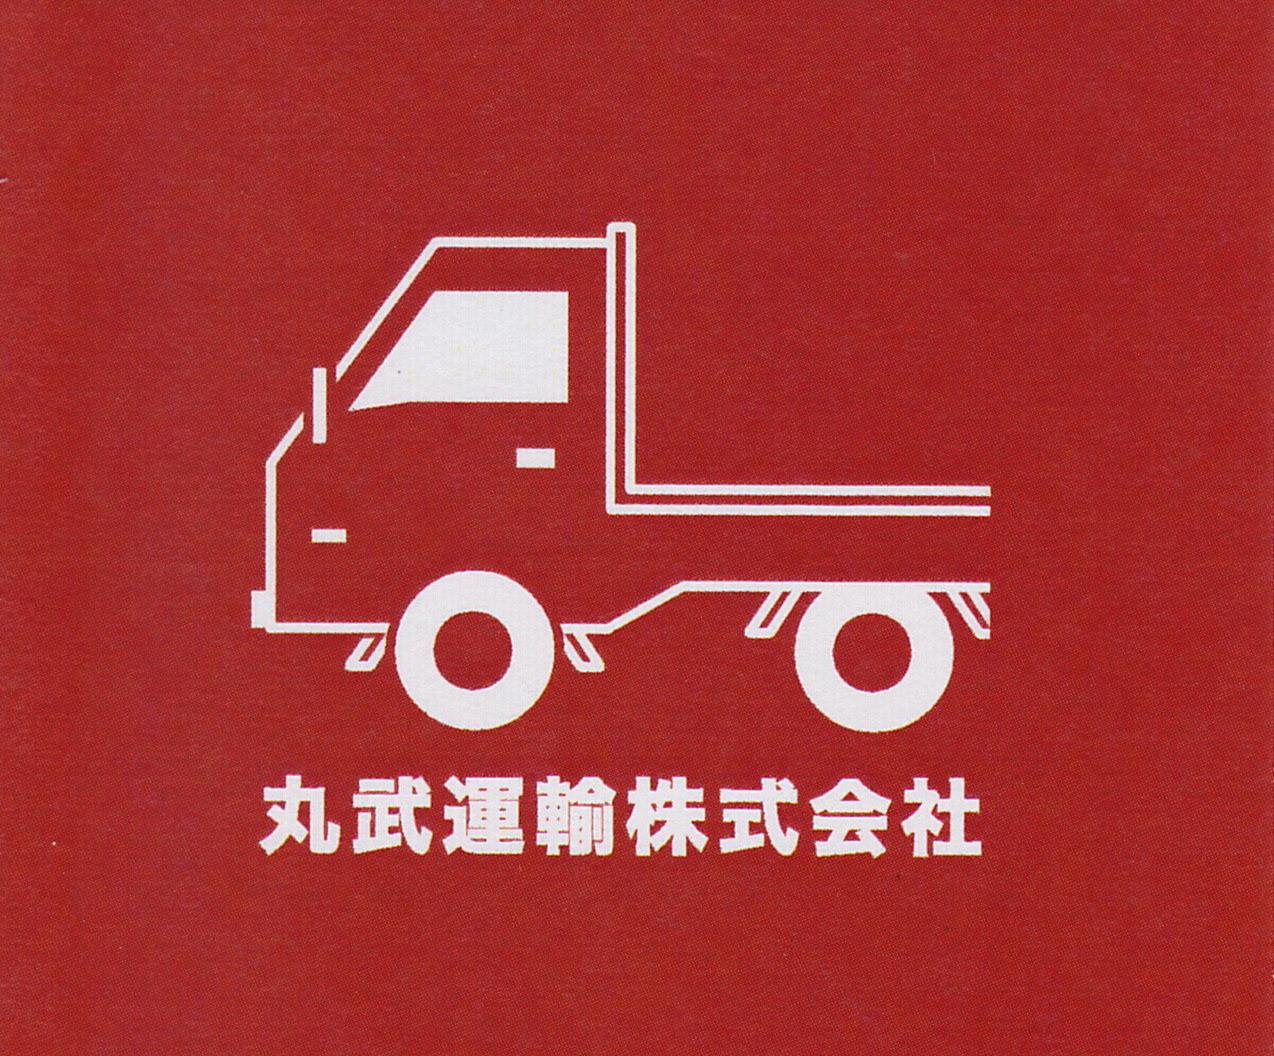 丸武運輸株式会社 本社 4tドライバーのイメージ